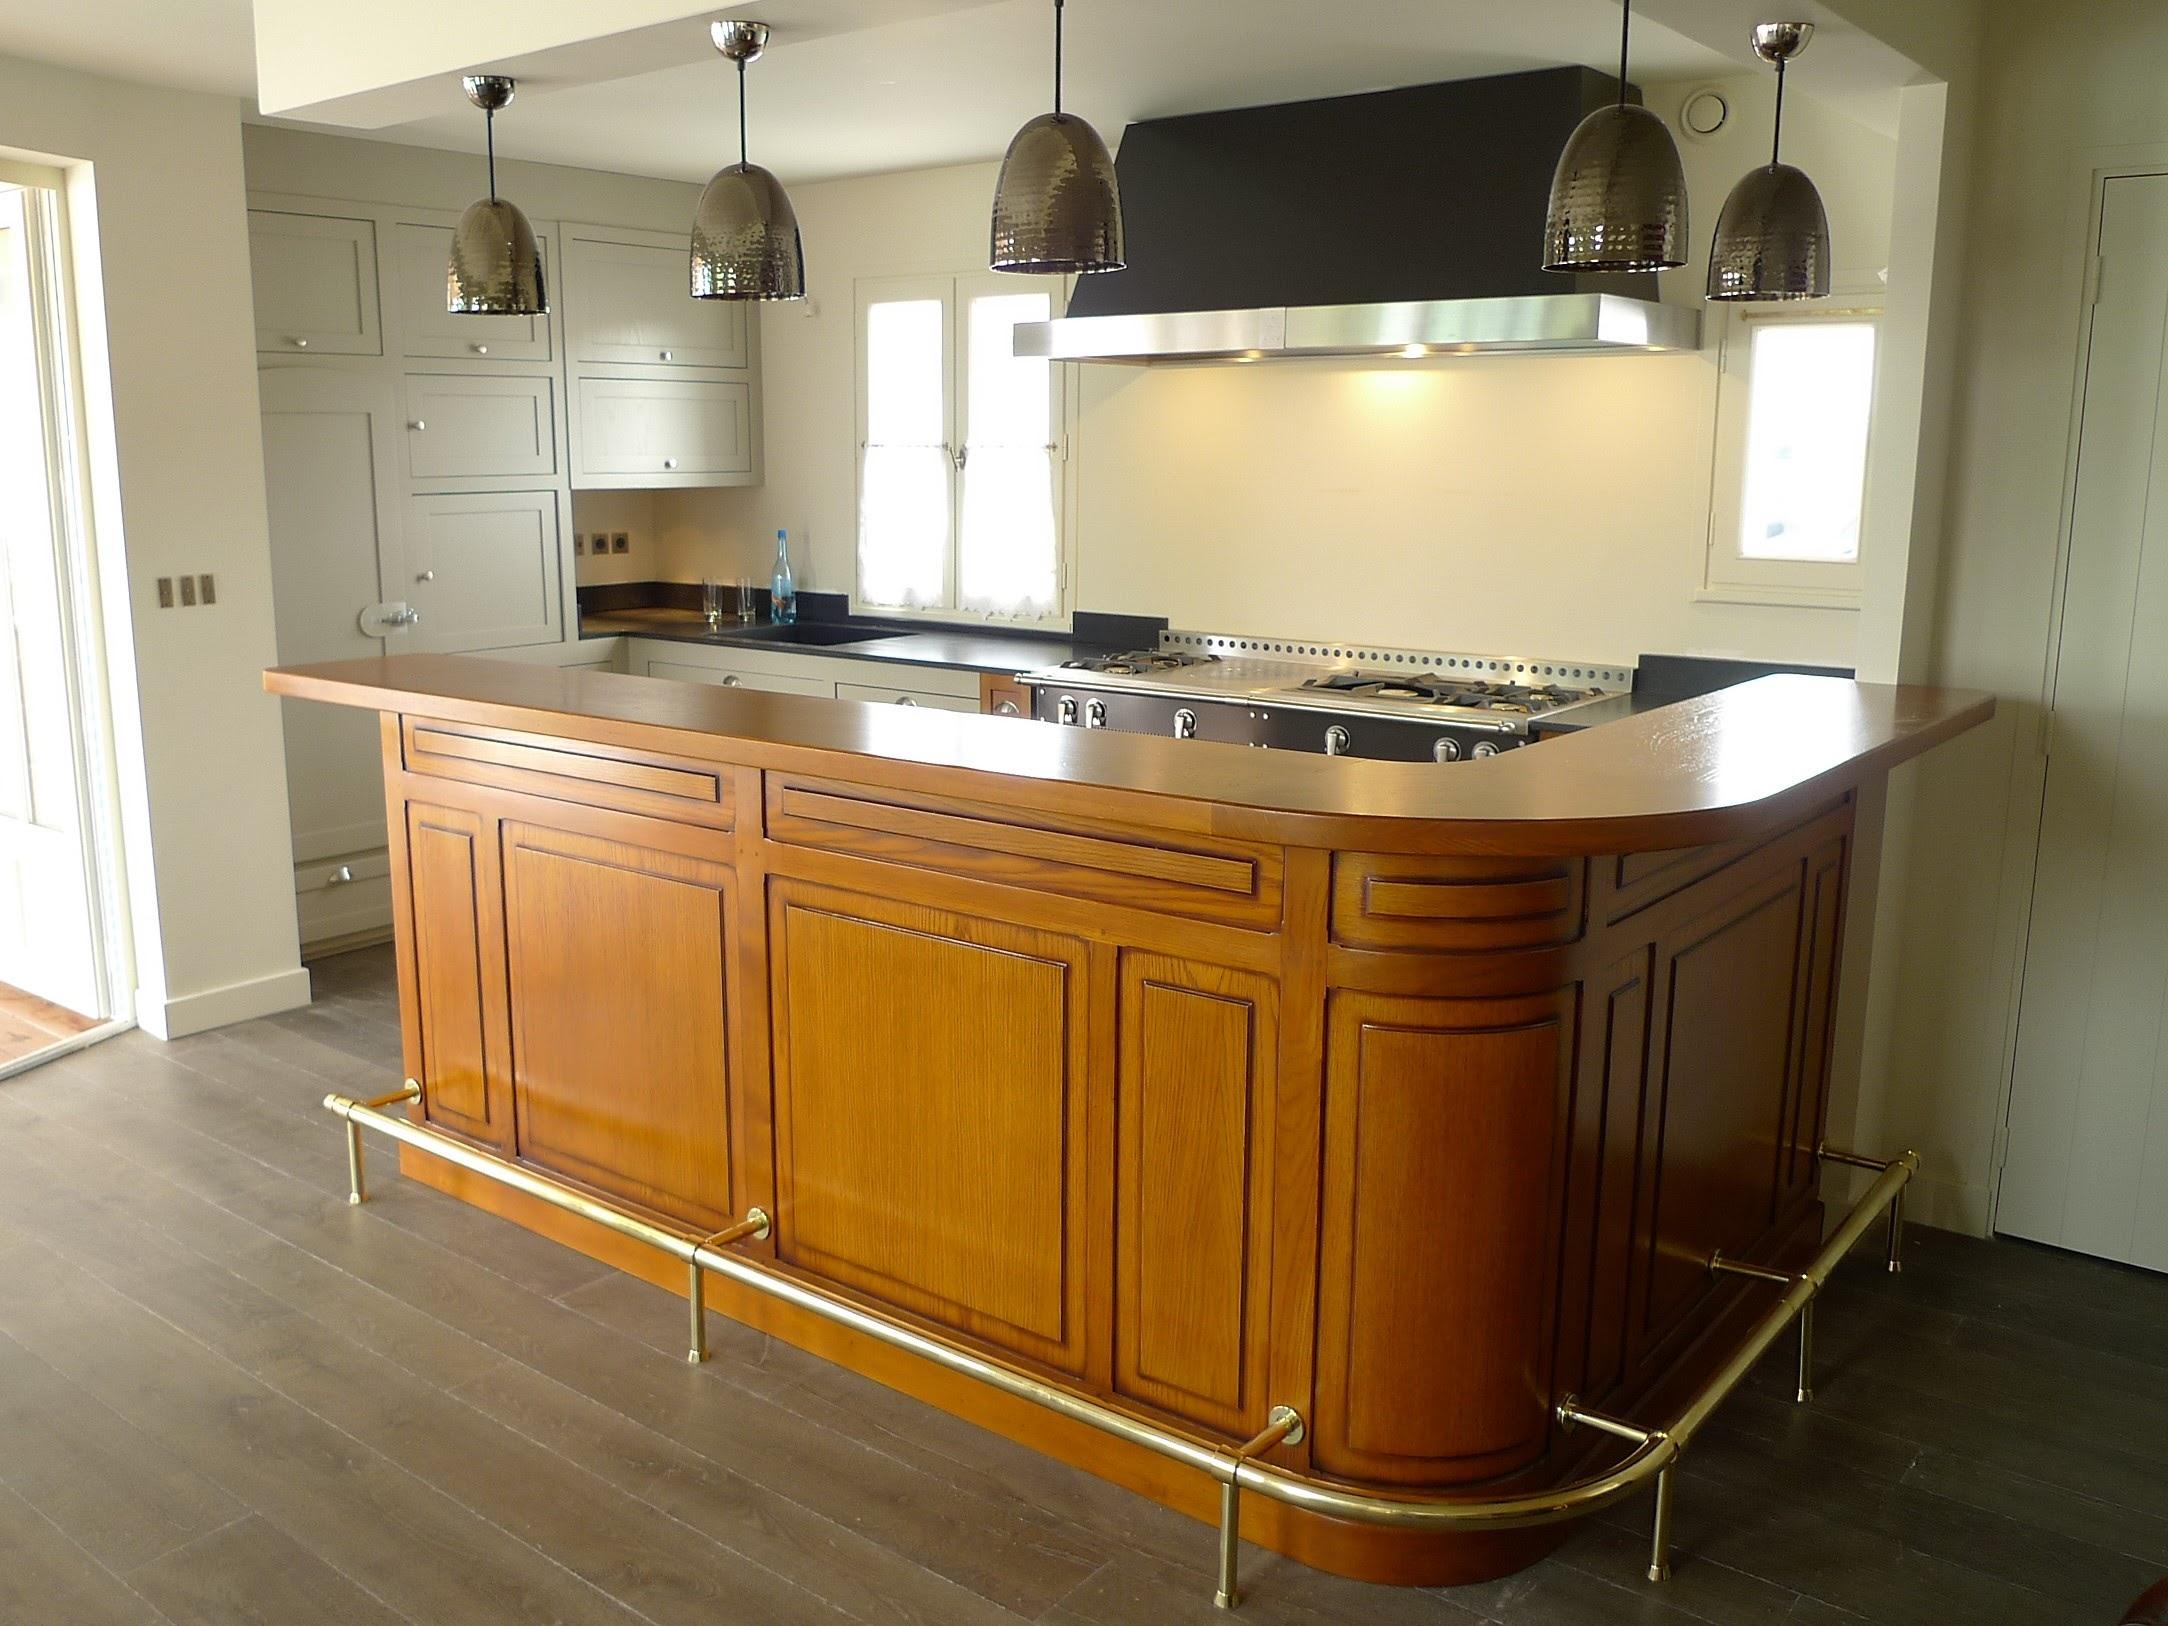 tout savoir pour un projet de cuisine. Black Bedroom Furniture Sets. Home Design Ideas